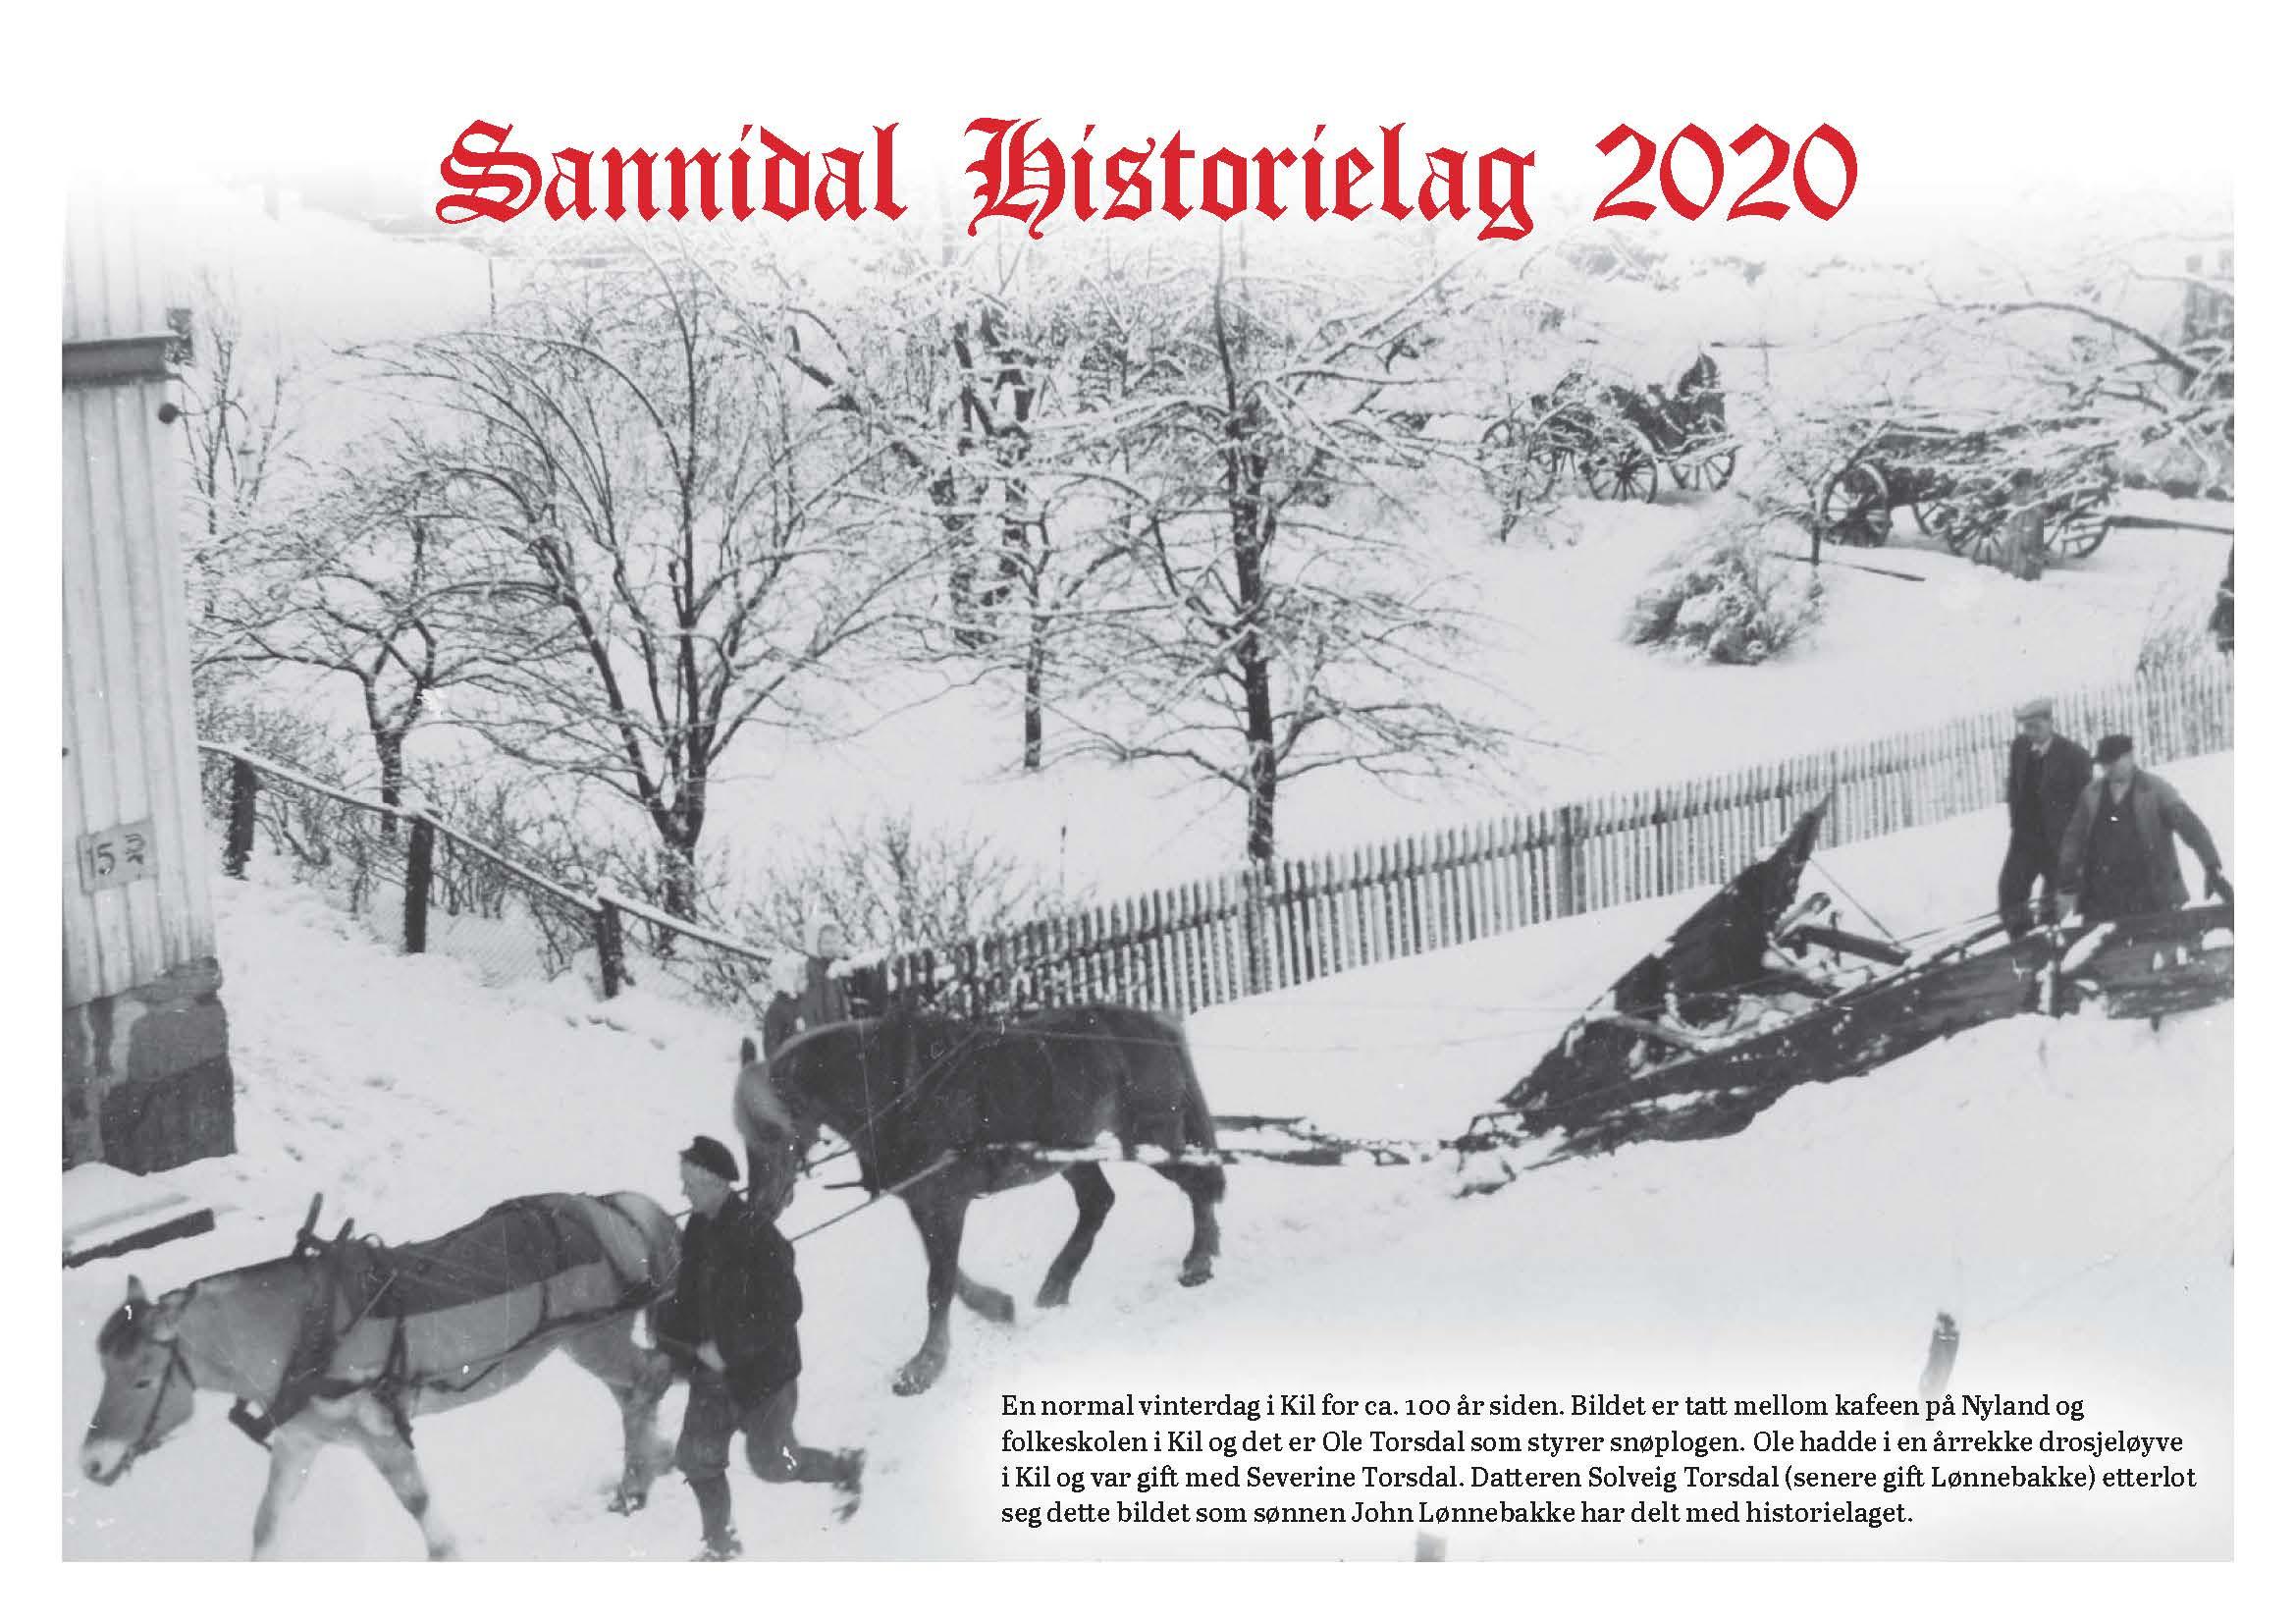 Års kalender for 2020